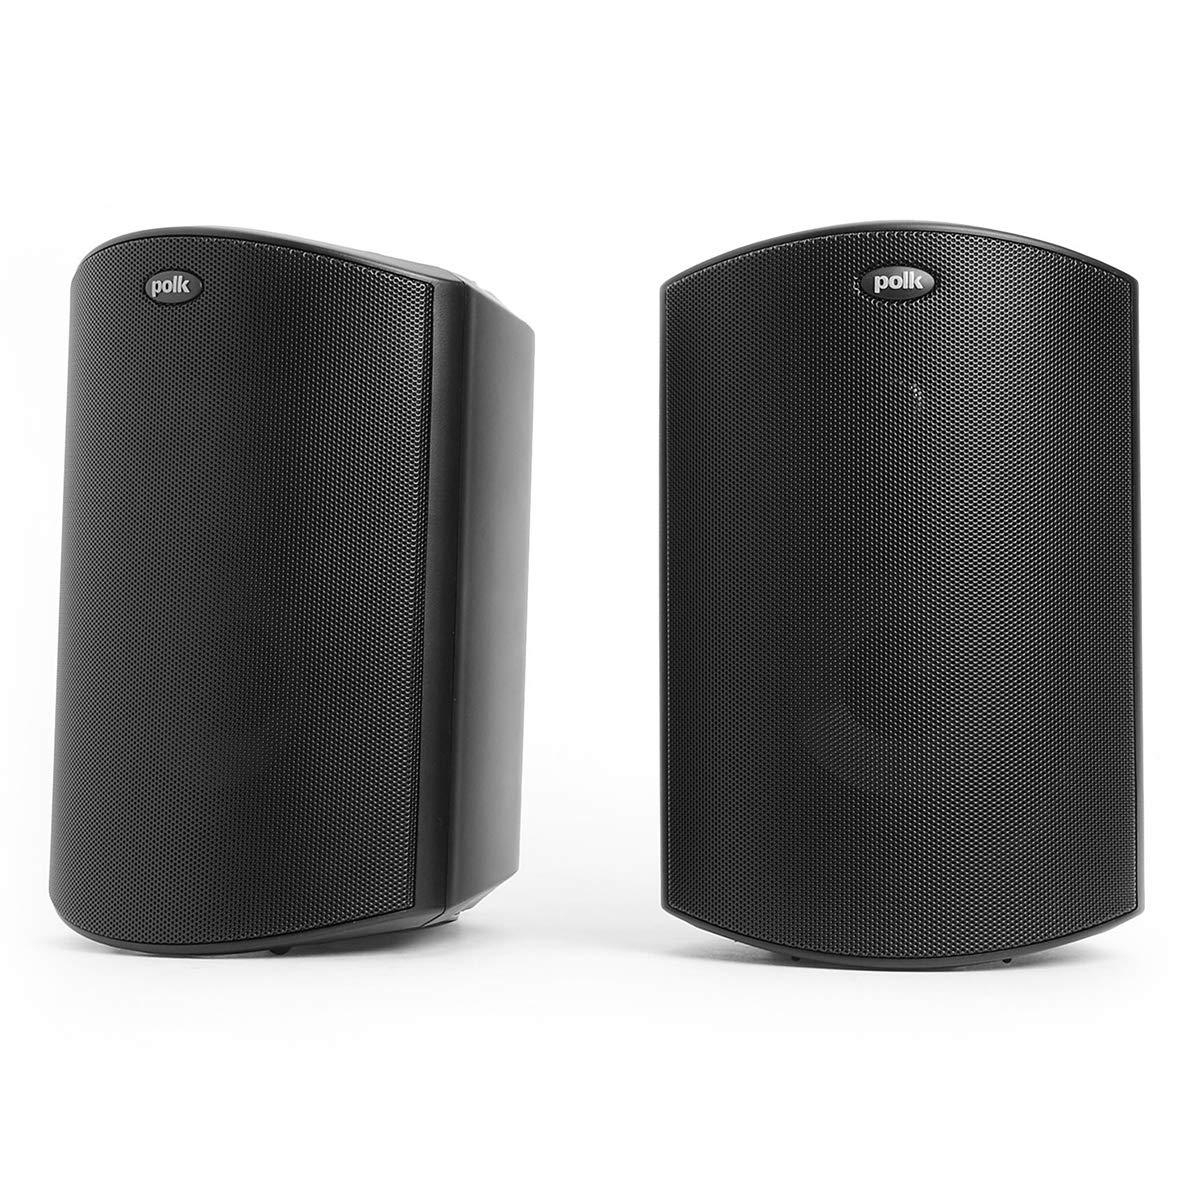 Polk Audio Atrium Outdoor Speakers